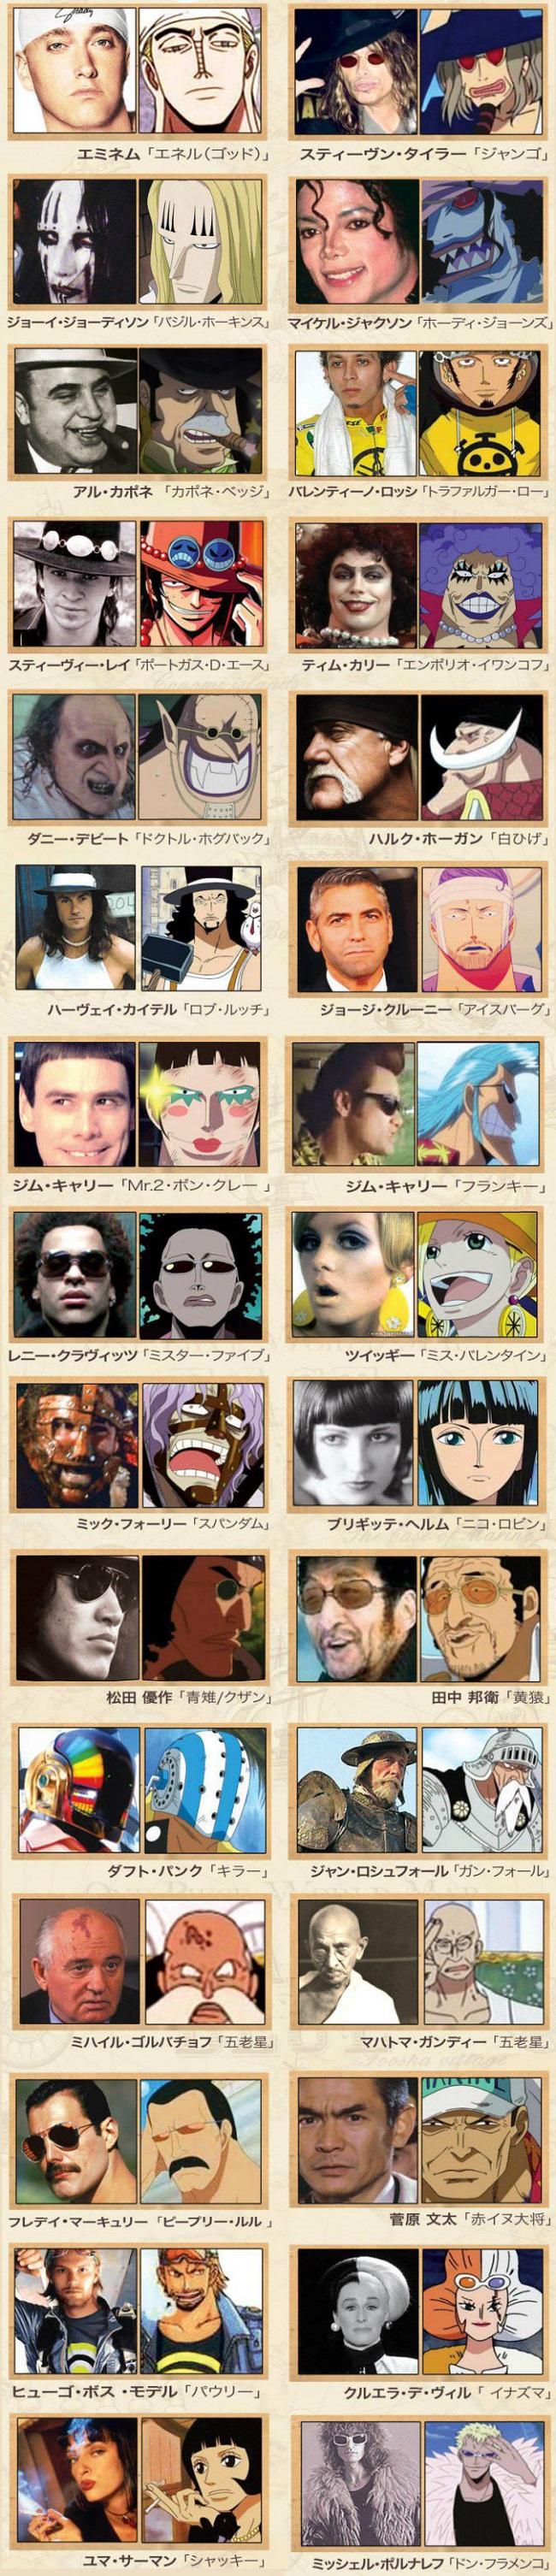 anime_karakterek.jpg